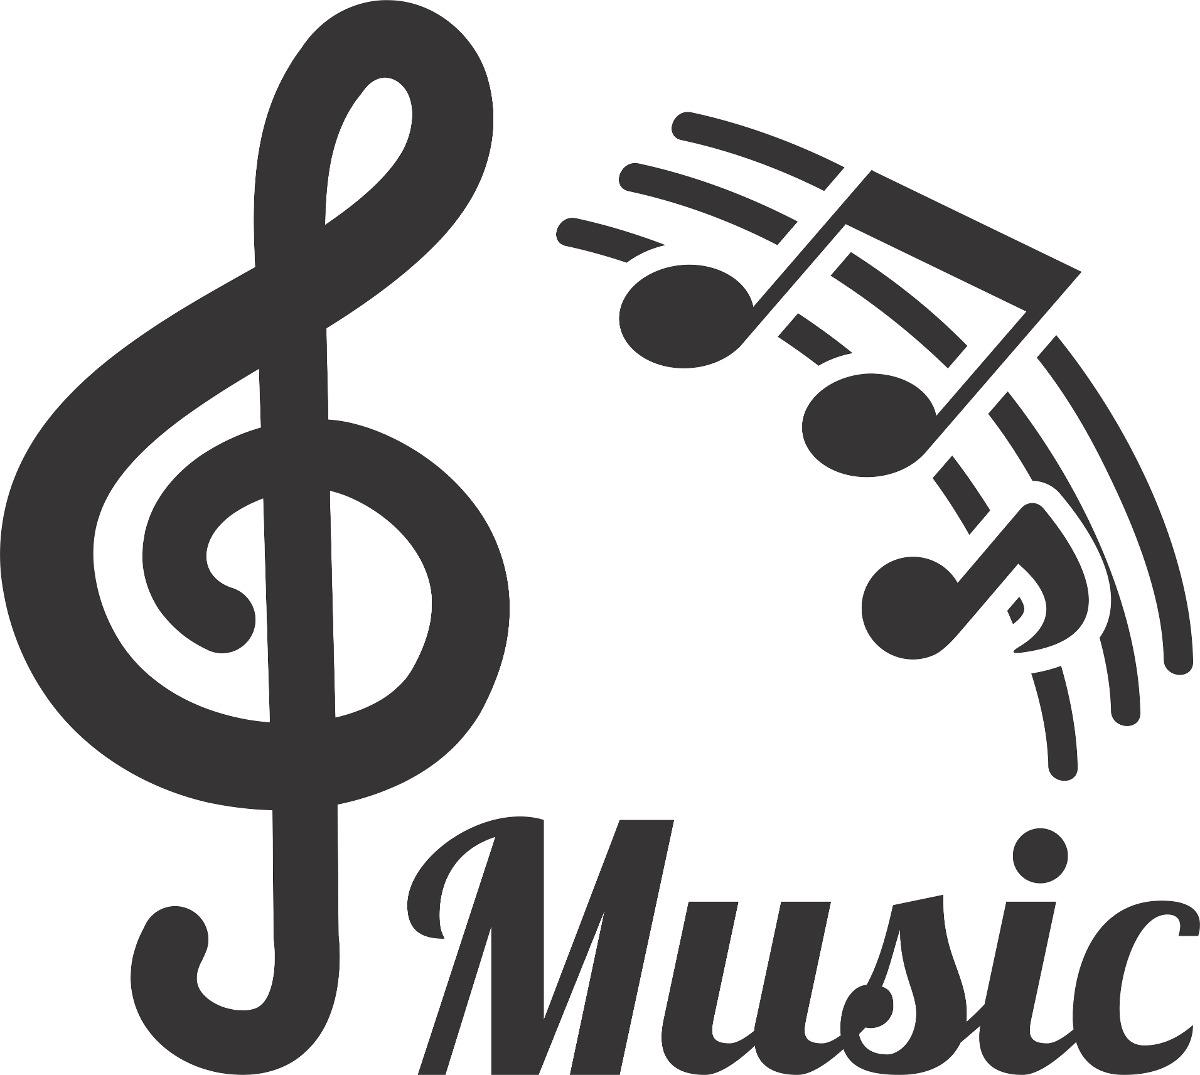 Foto Nota Musical ~ Adesivo Parede Música Decorativo Notas Musicais Rock Viol u00e3o R$ 22,90 em Mercado Livre